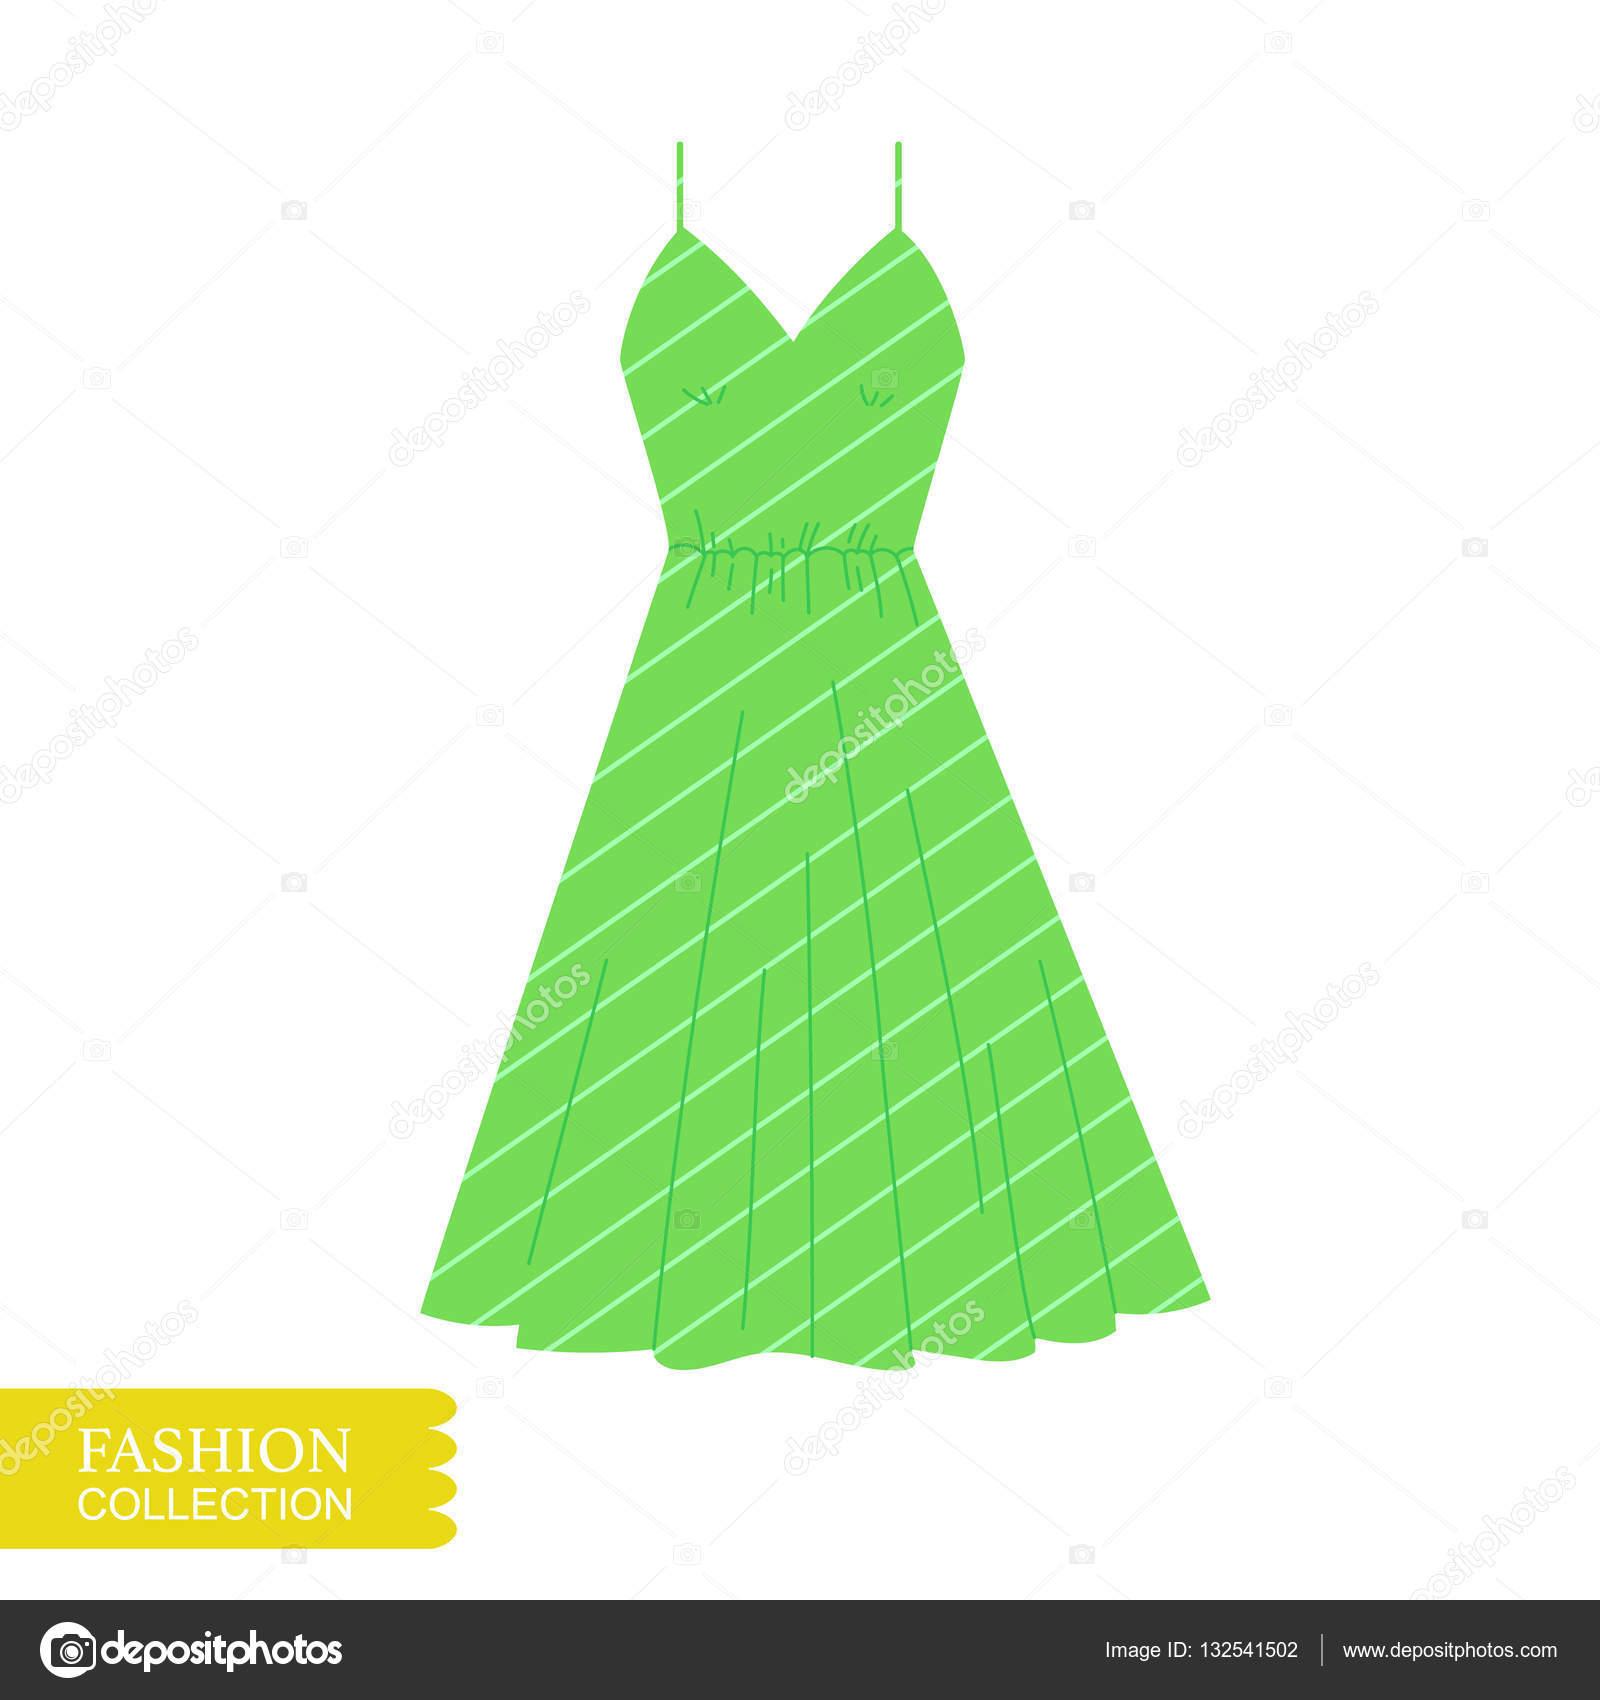 ab64ad451256e çok güzel bir elbise çizimi. — Stok Vektör © barkarola #132541502